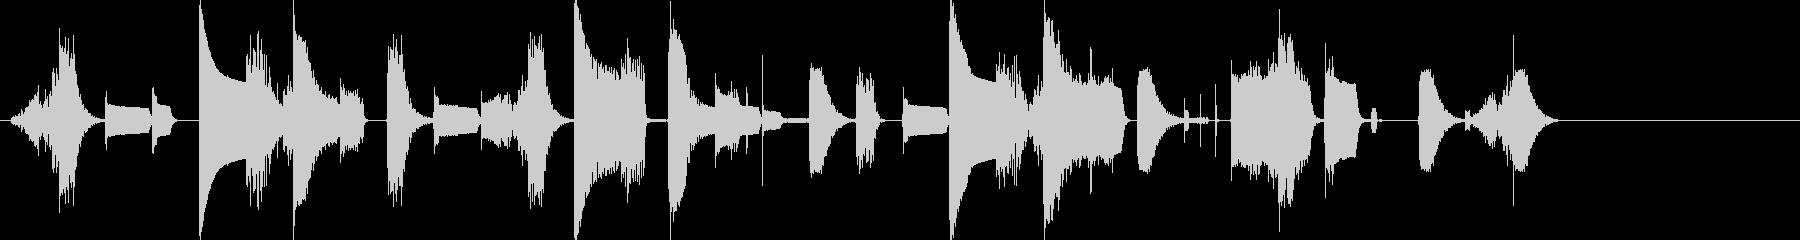 エレピでエレクトロのんの未再生の波形